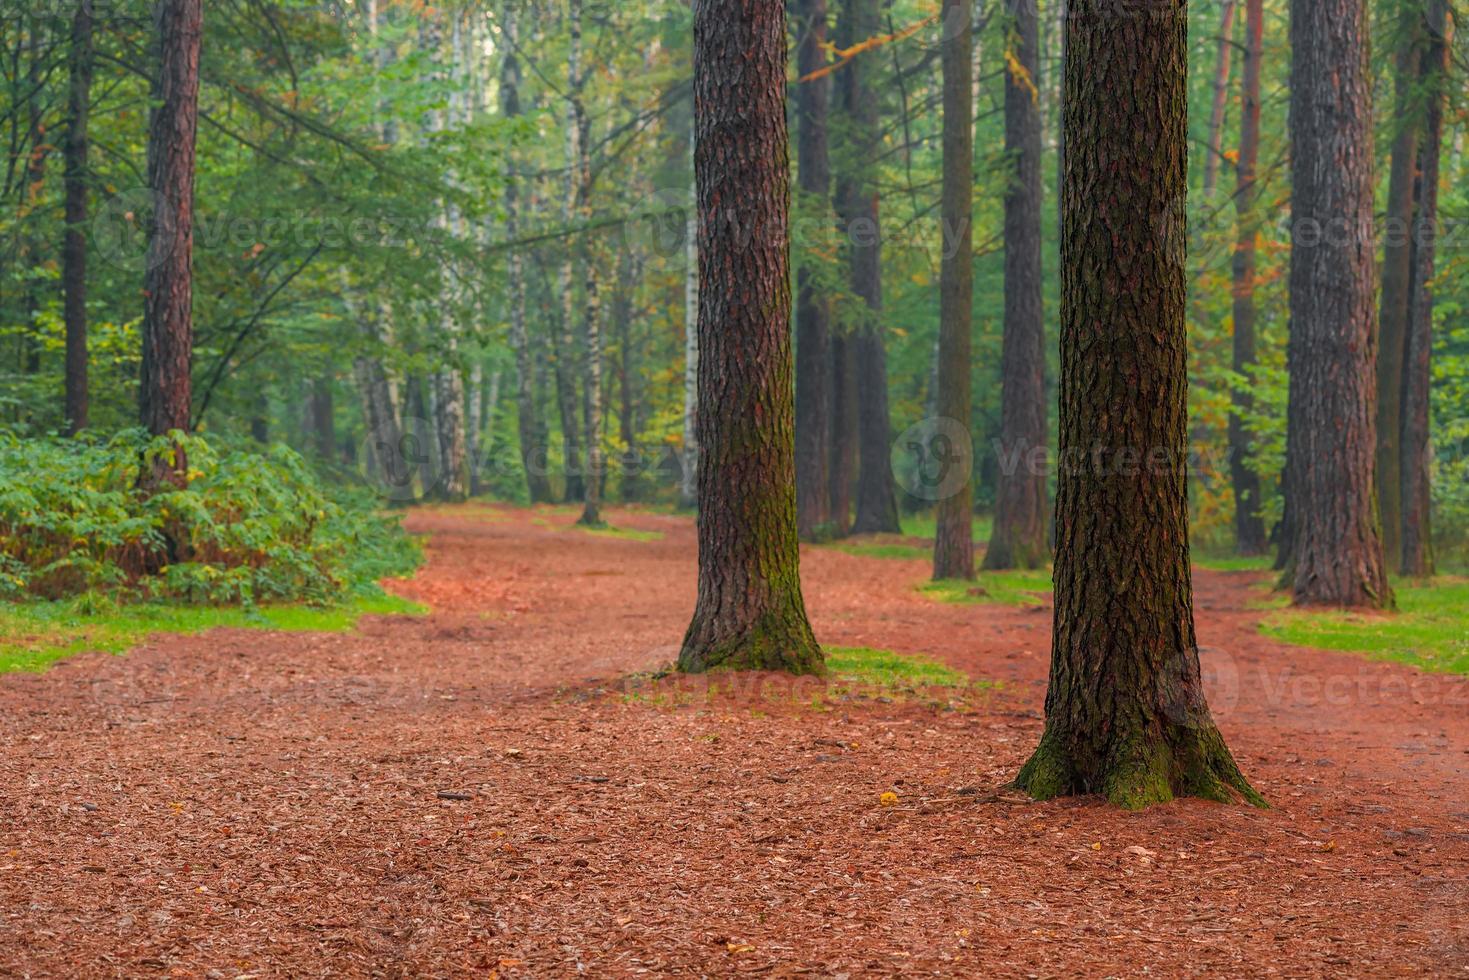 belas árvores altas na manhã da floresta de verão foto